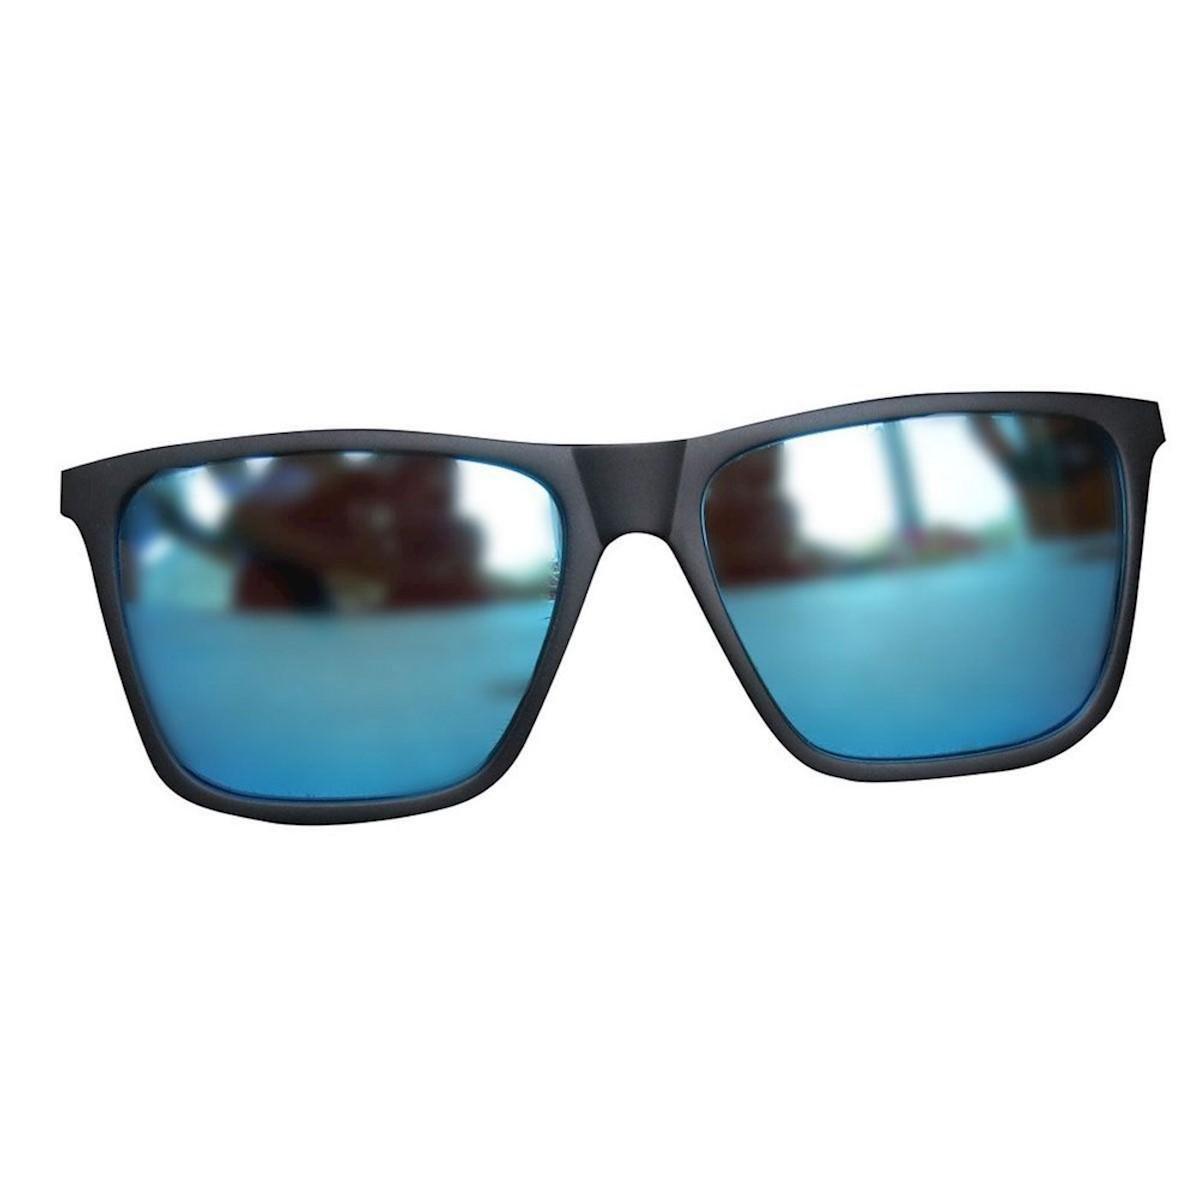 Óculos de Sol Mormaii Hawaii Fosco Máscara Masculino - Preto ... ede565d99c